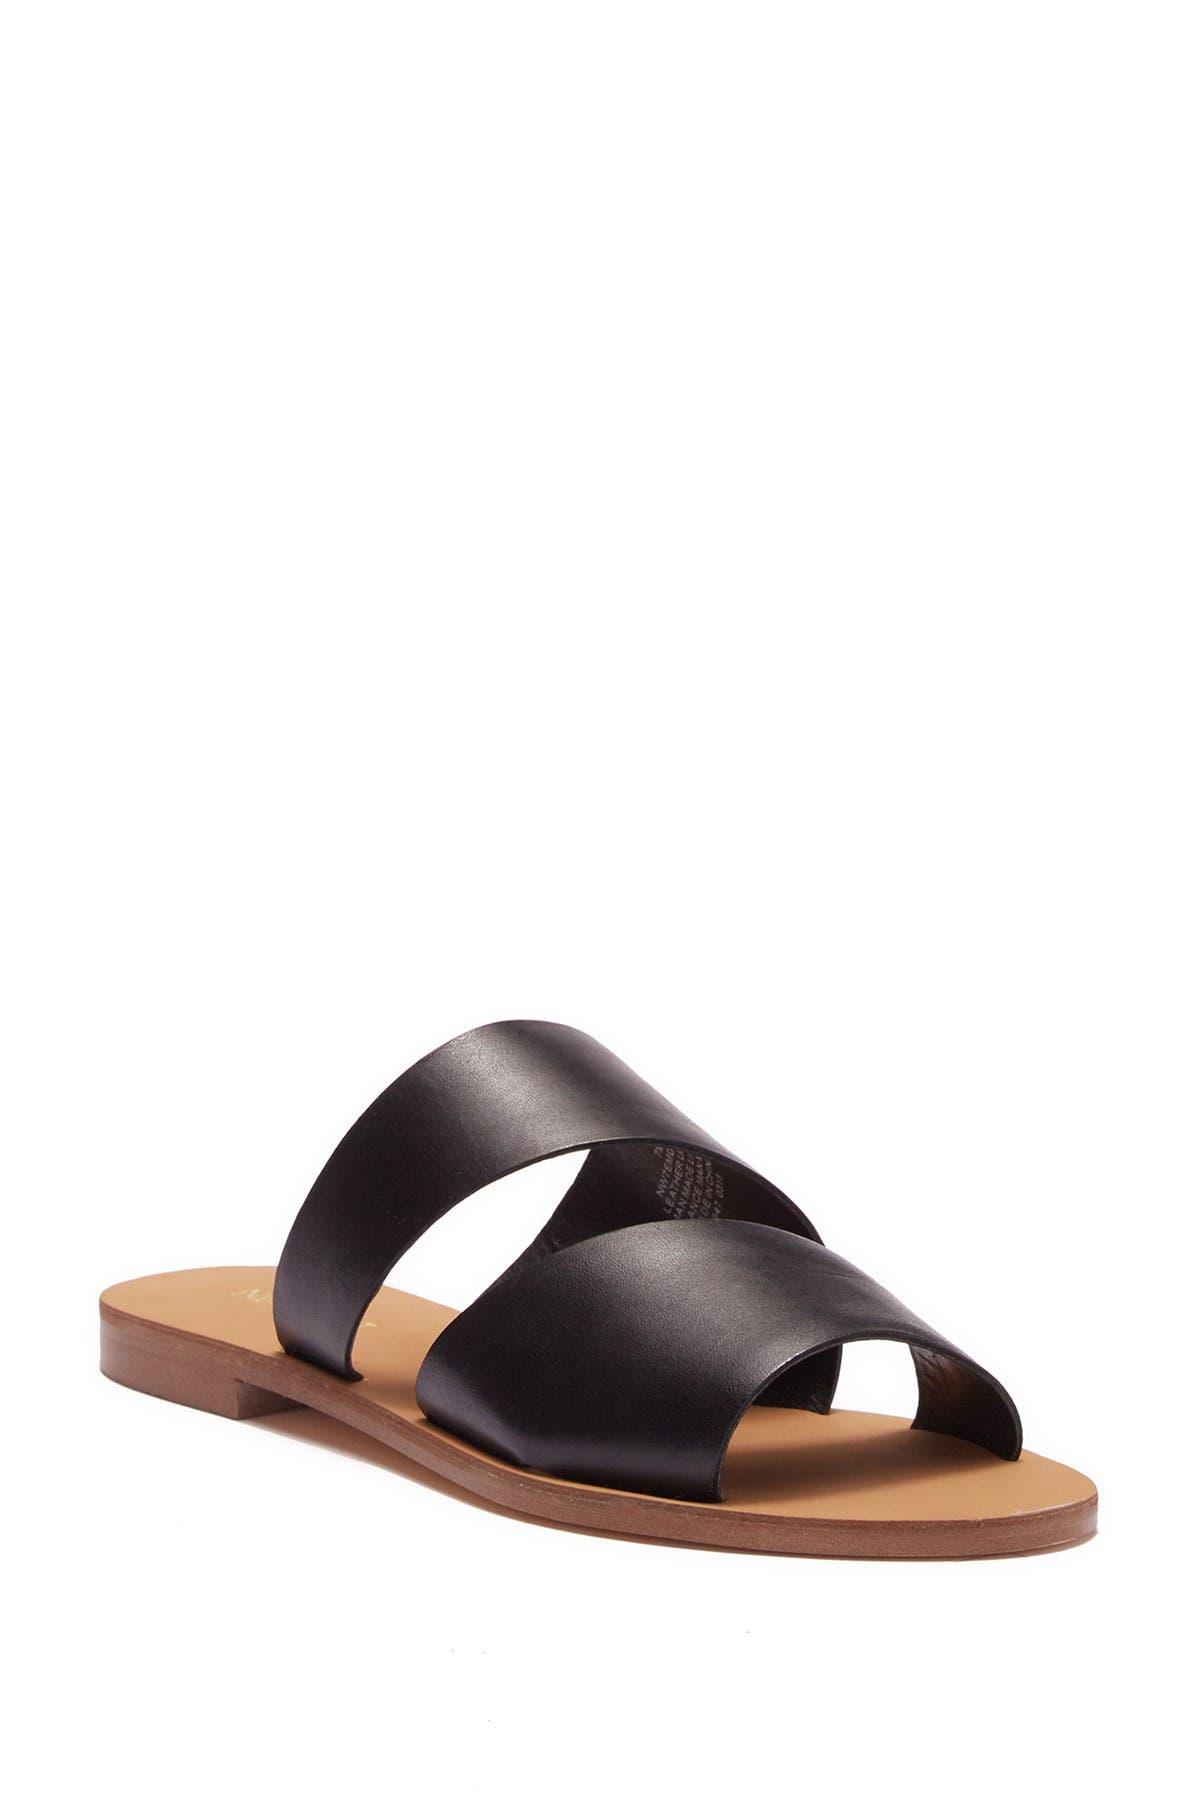 Image of Nine West Em Down Leather Slide Sandal